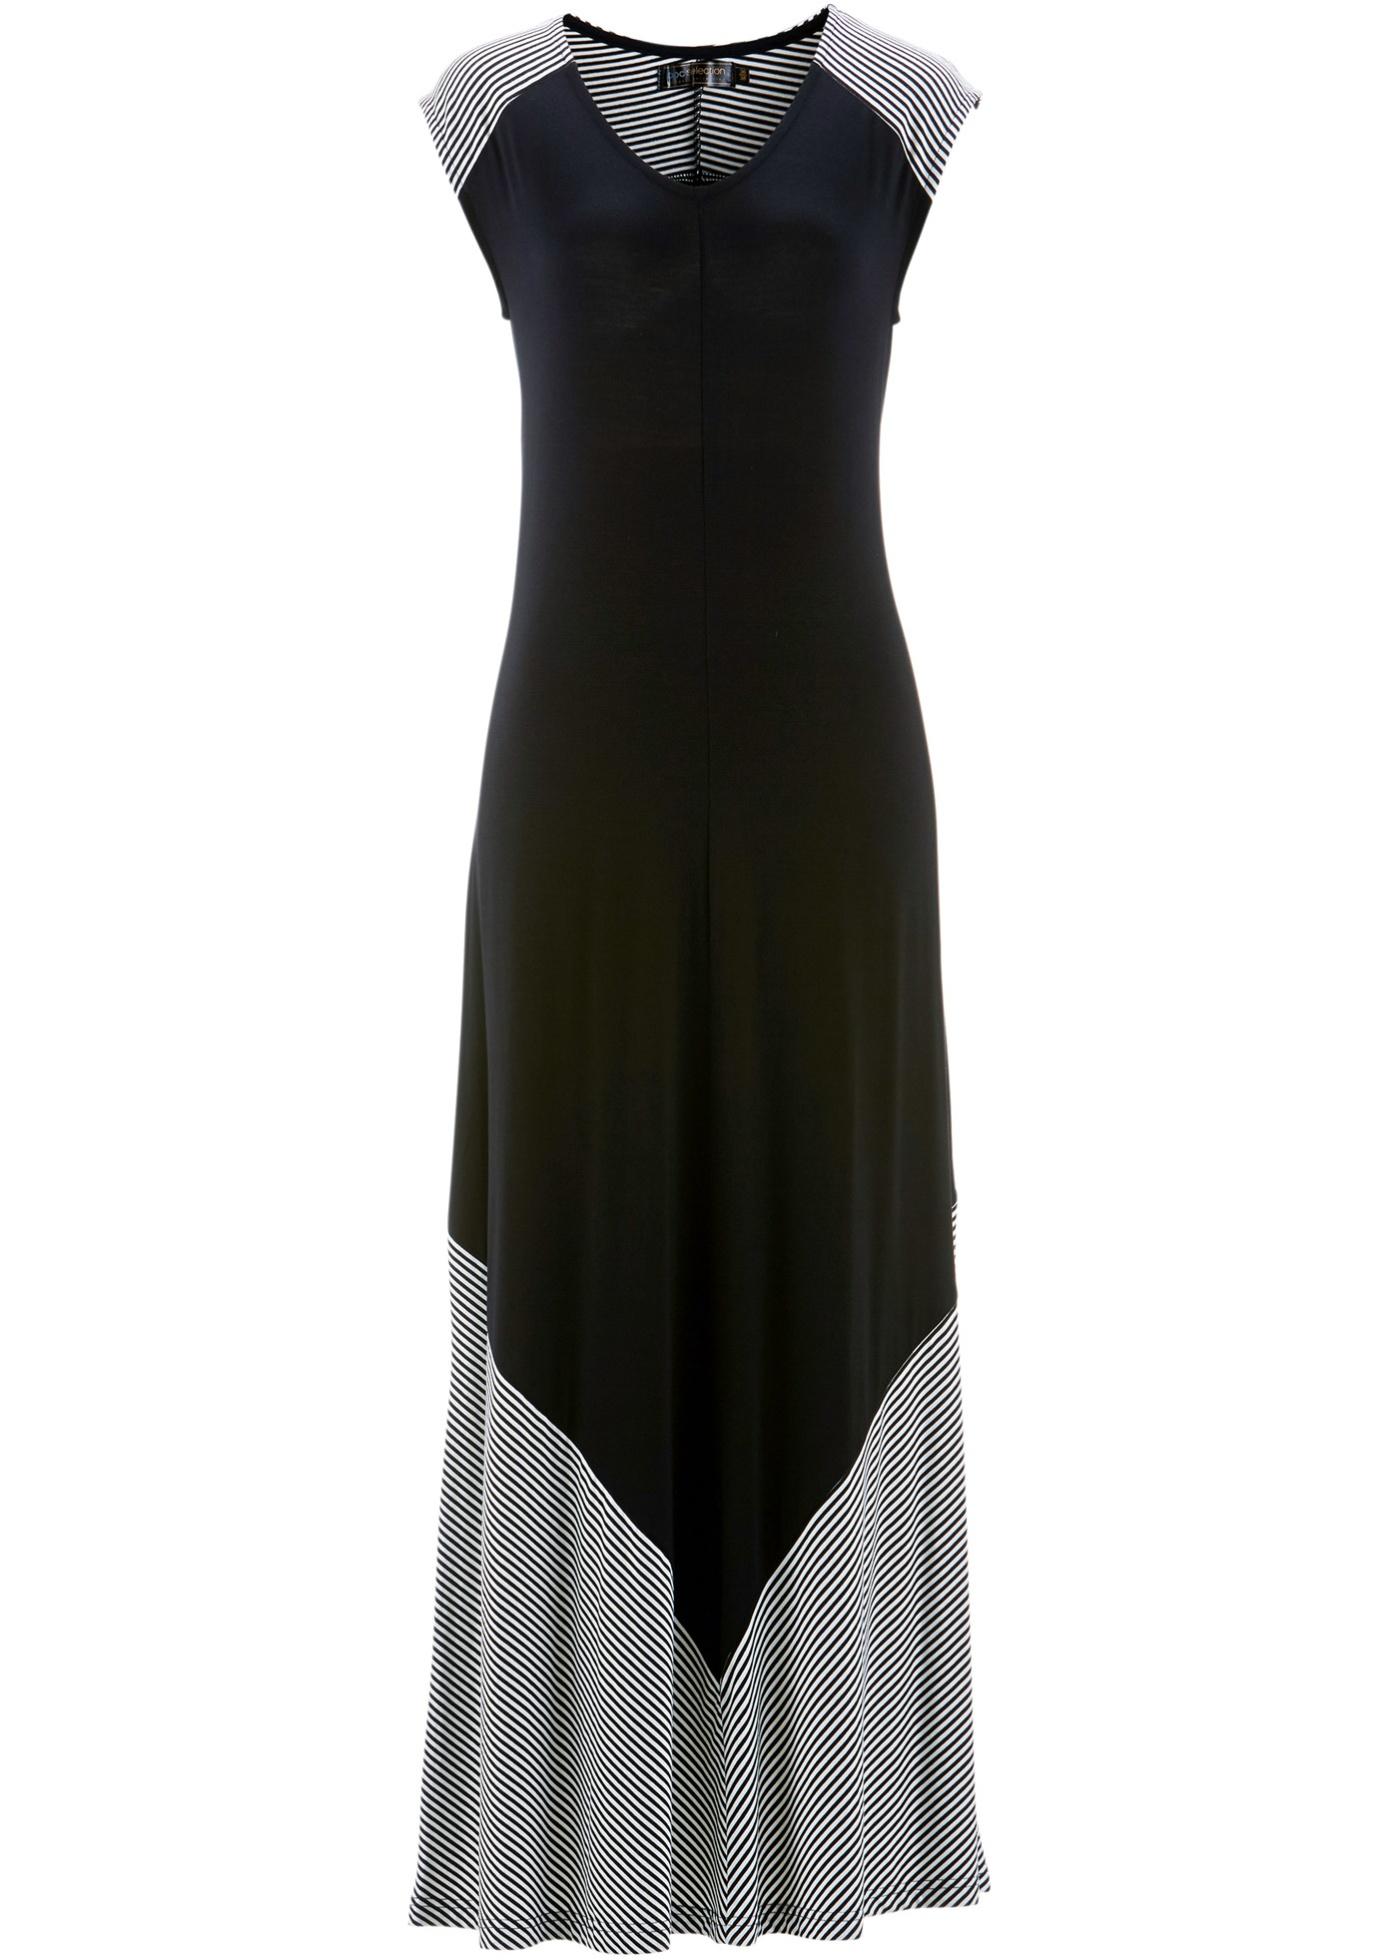 bpc selection Bonprix - robe d été Robe matière T-shirt noir sans manches  pour femme 650349d1825c